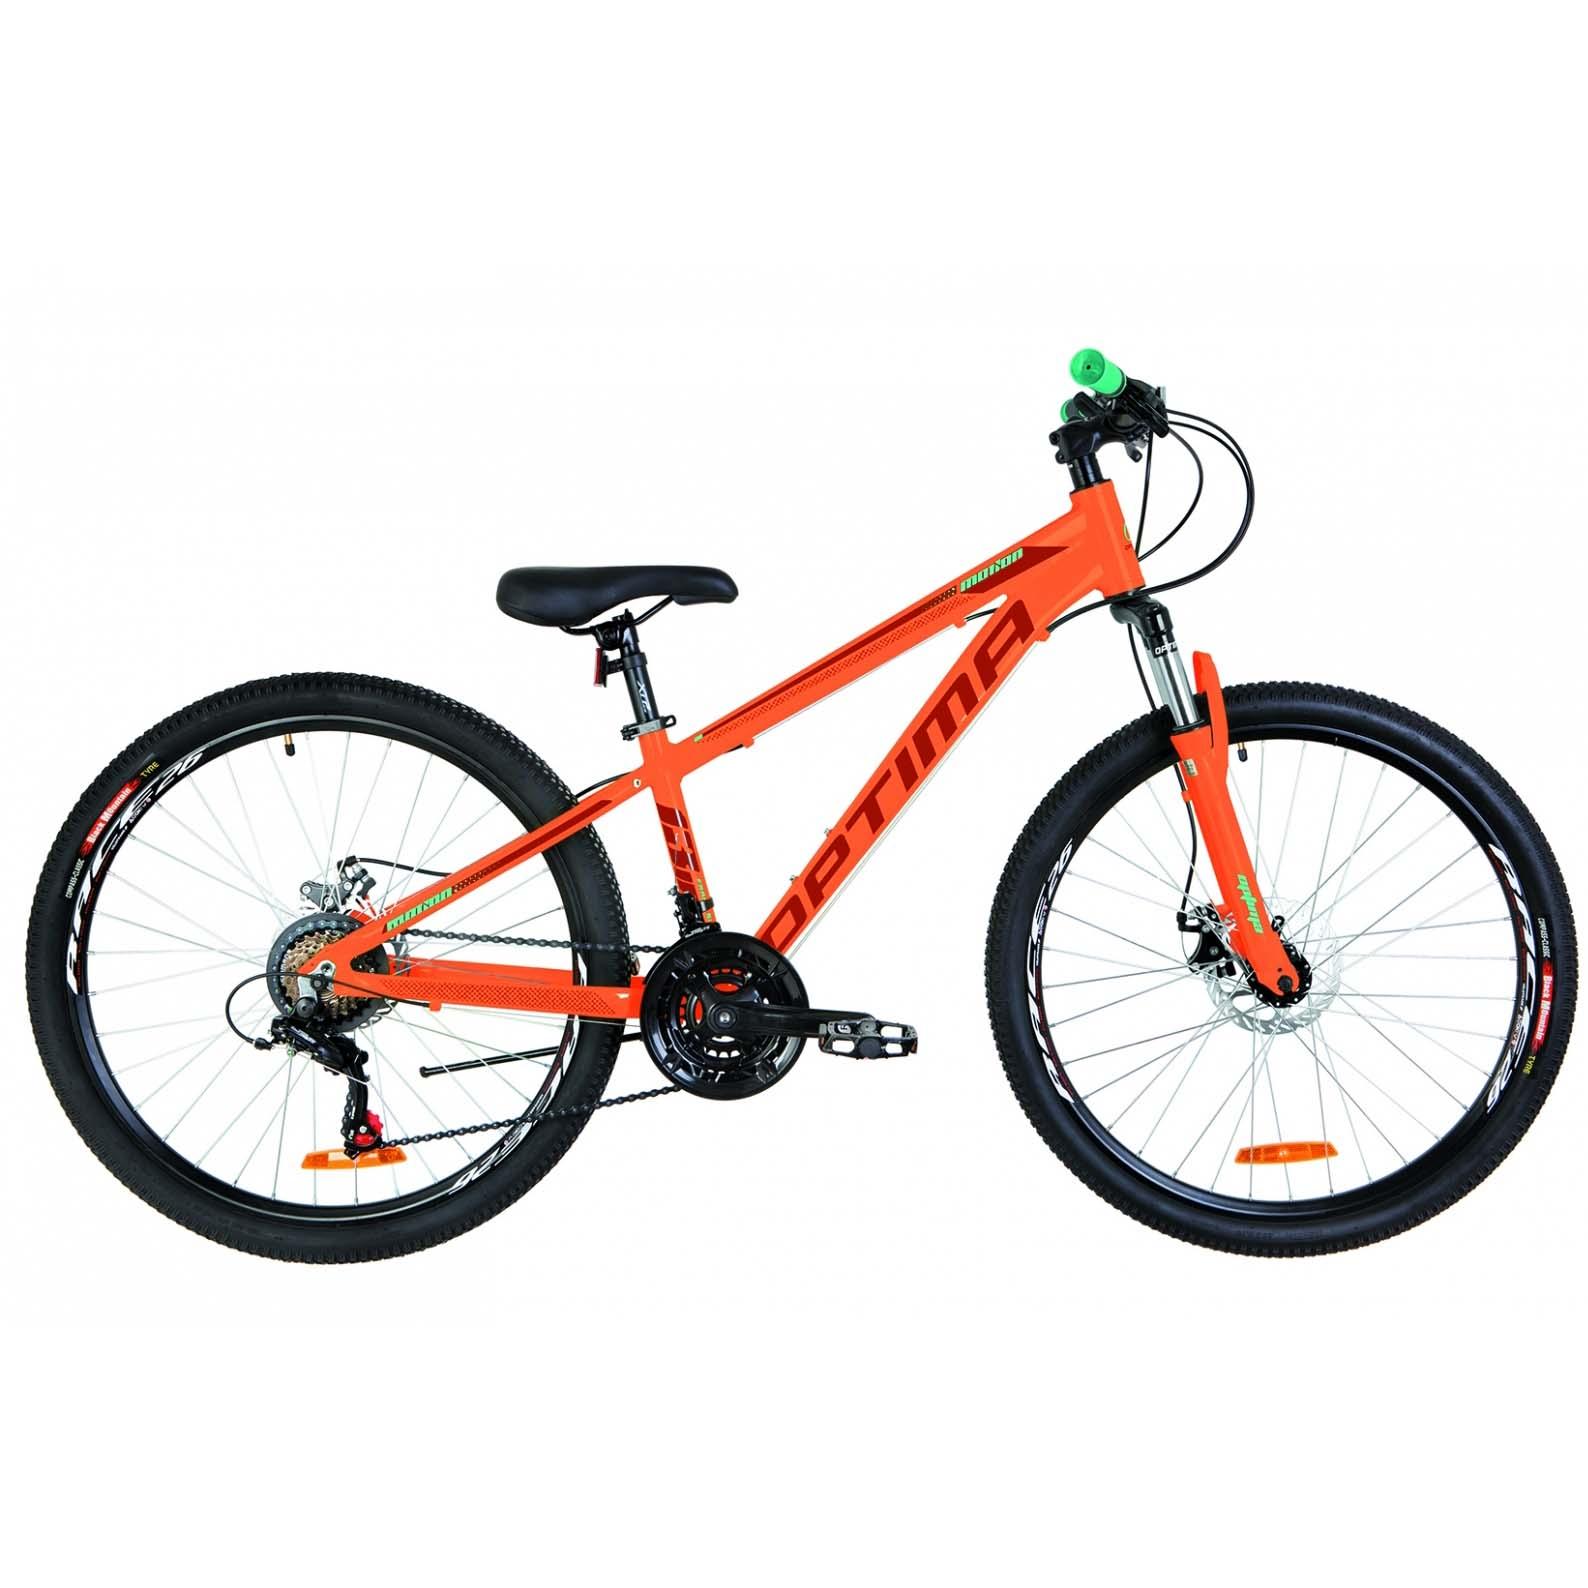 Фото Горный Велосипед 26 Optimabikes MOTION DD оранжевый 2019